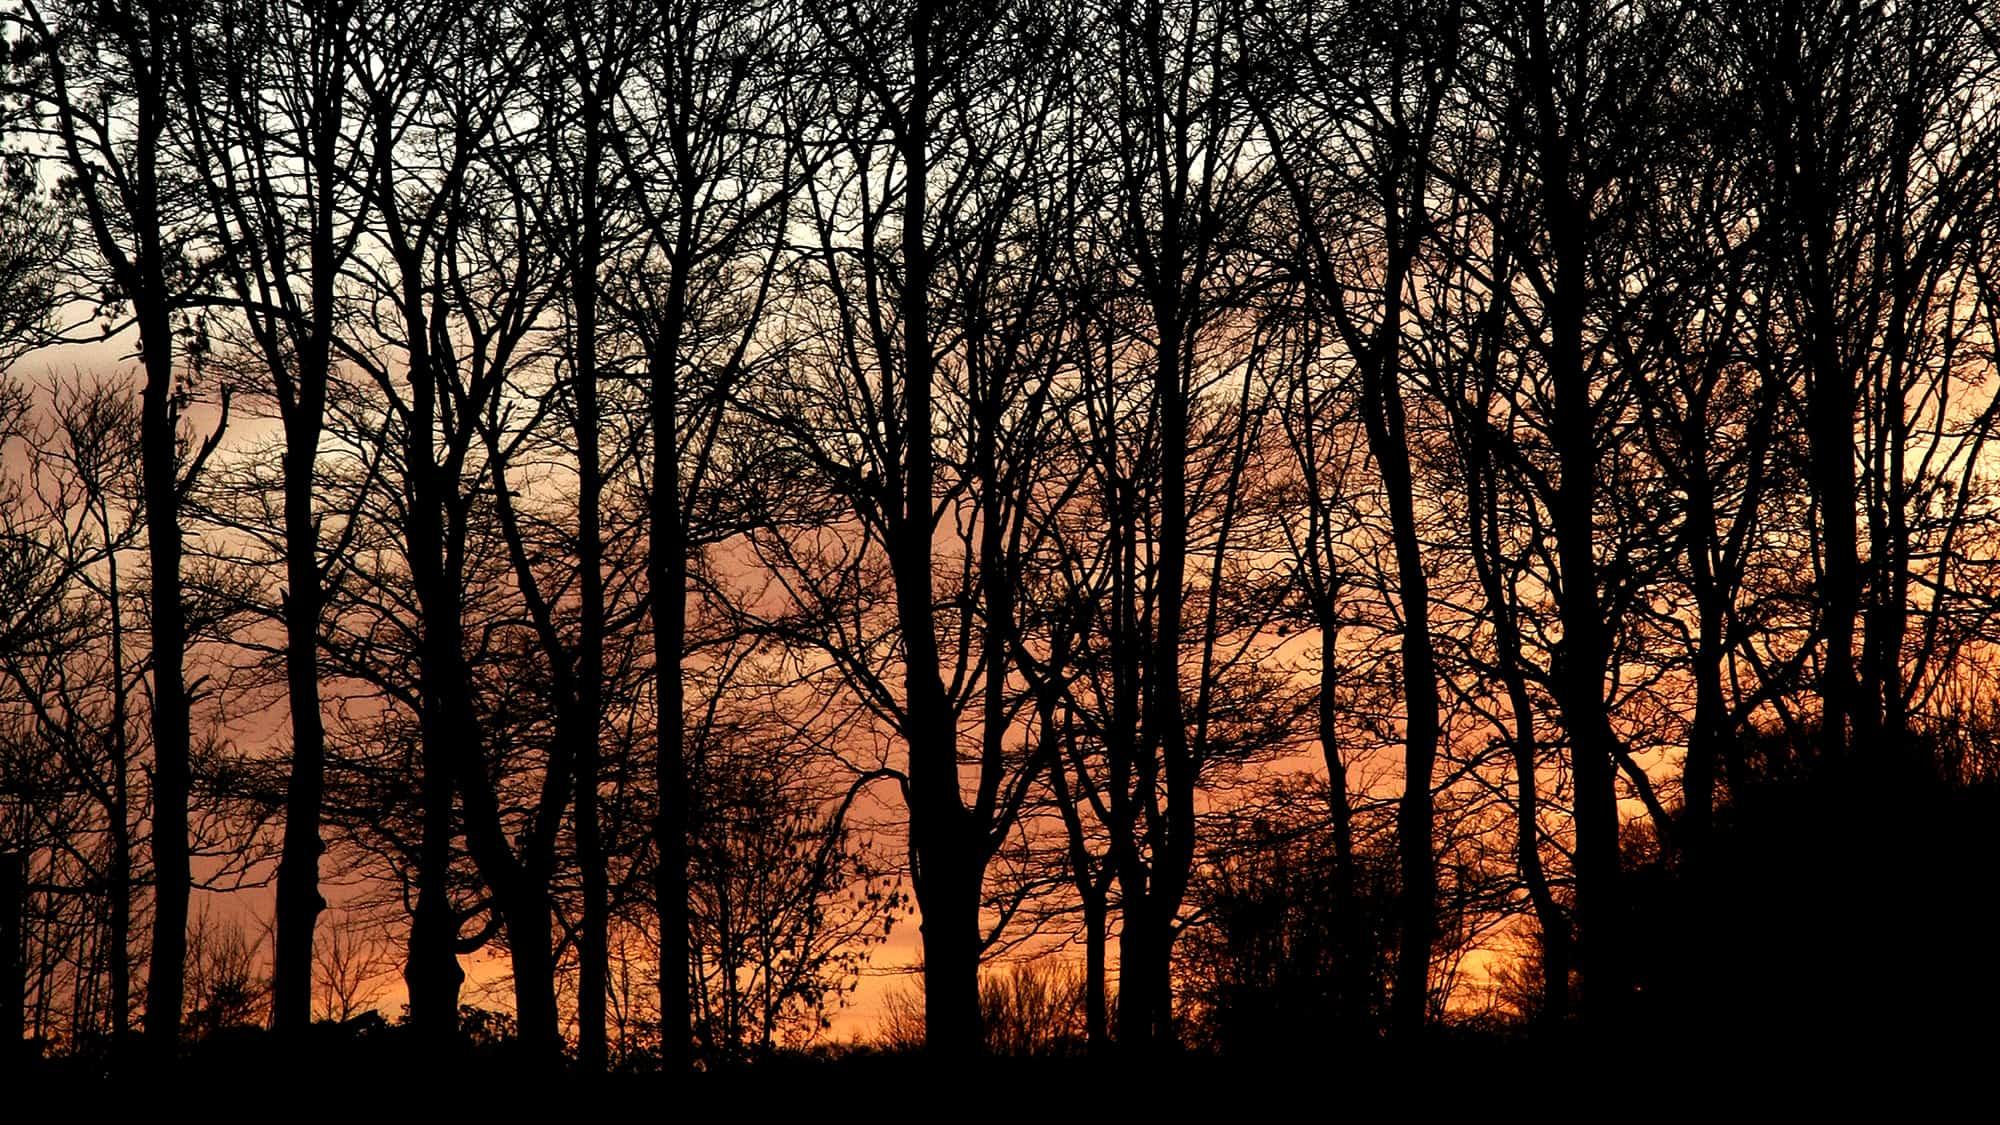 Dawn - Autumn Sun Rise breaks through the trees